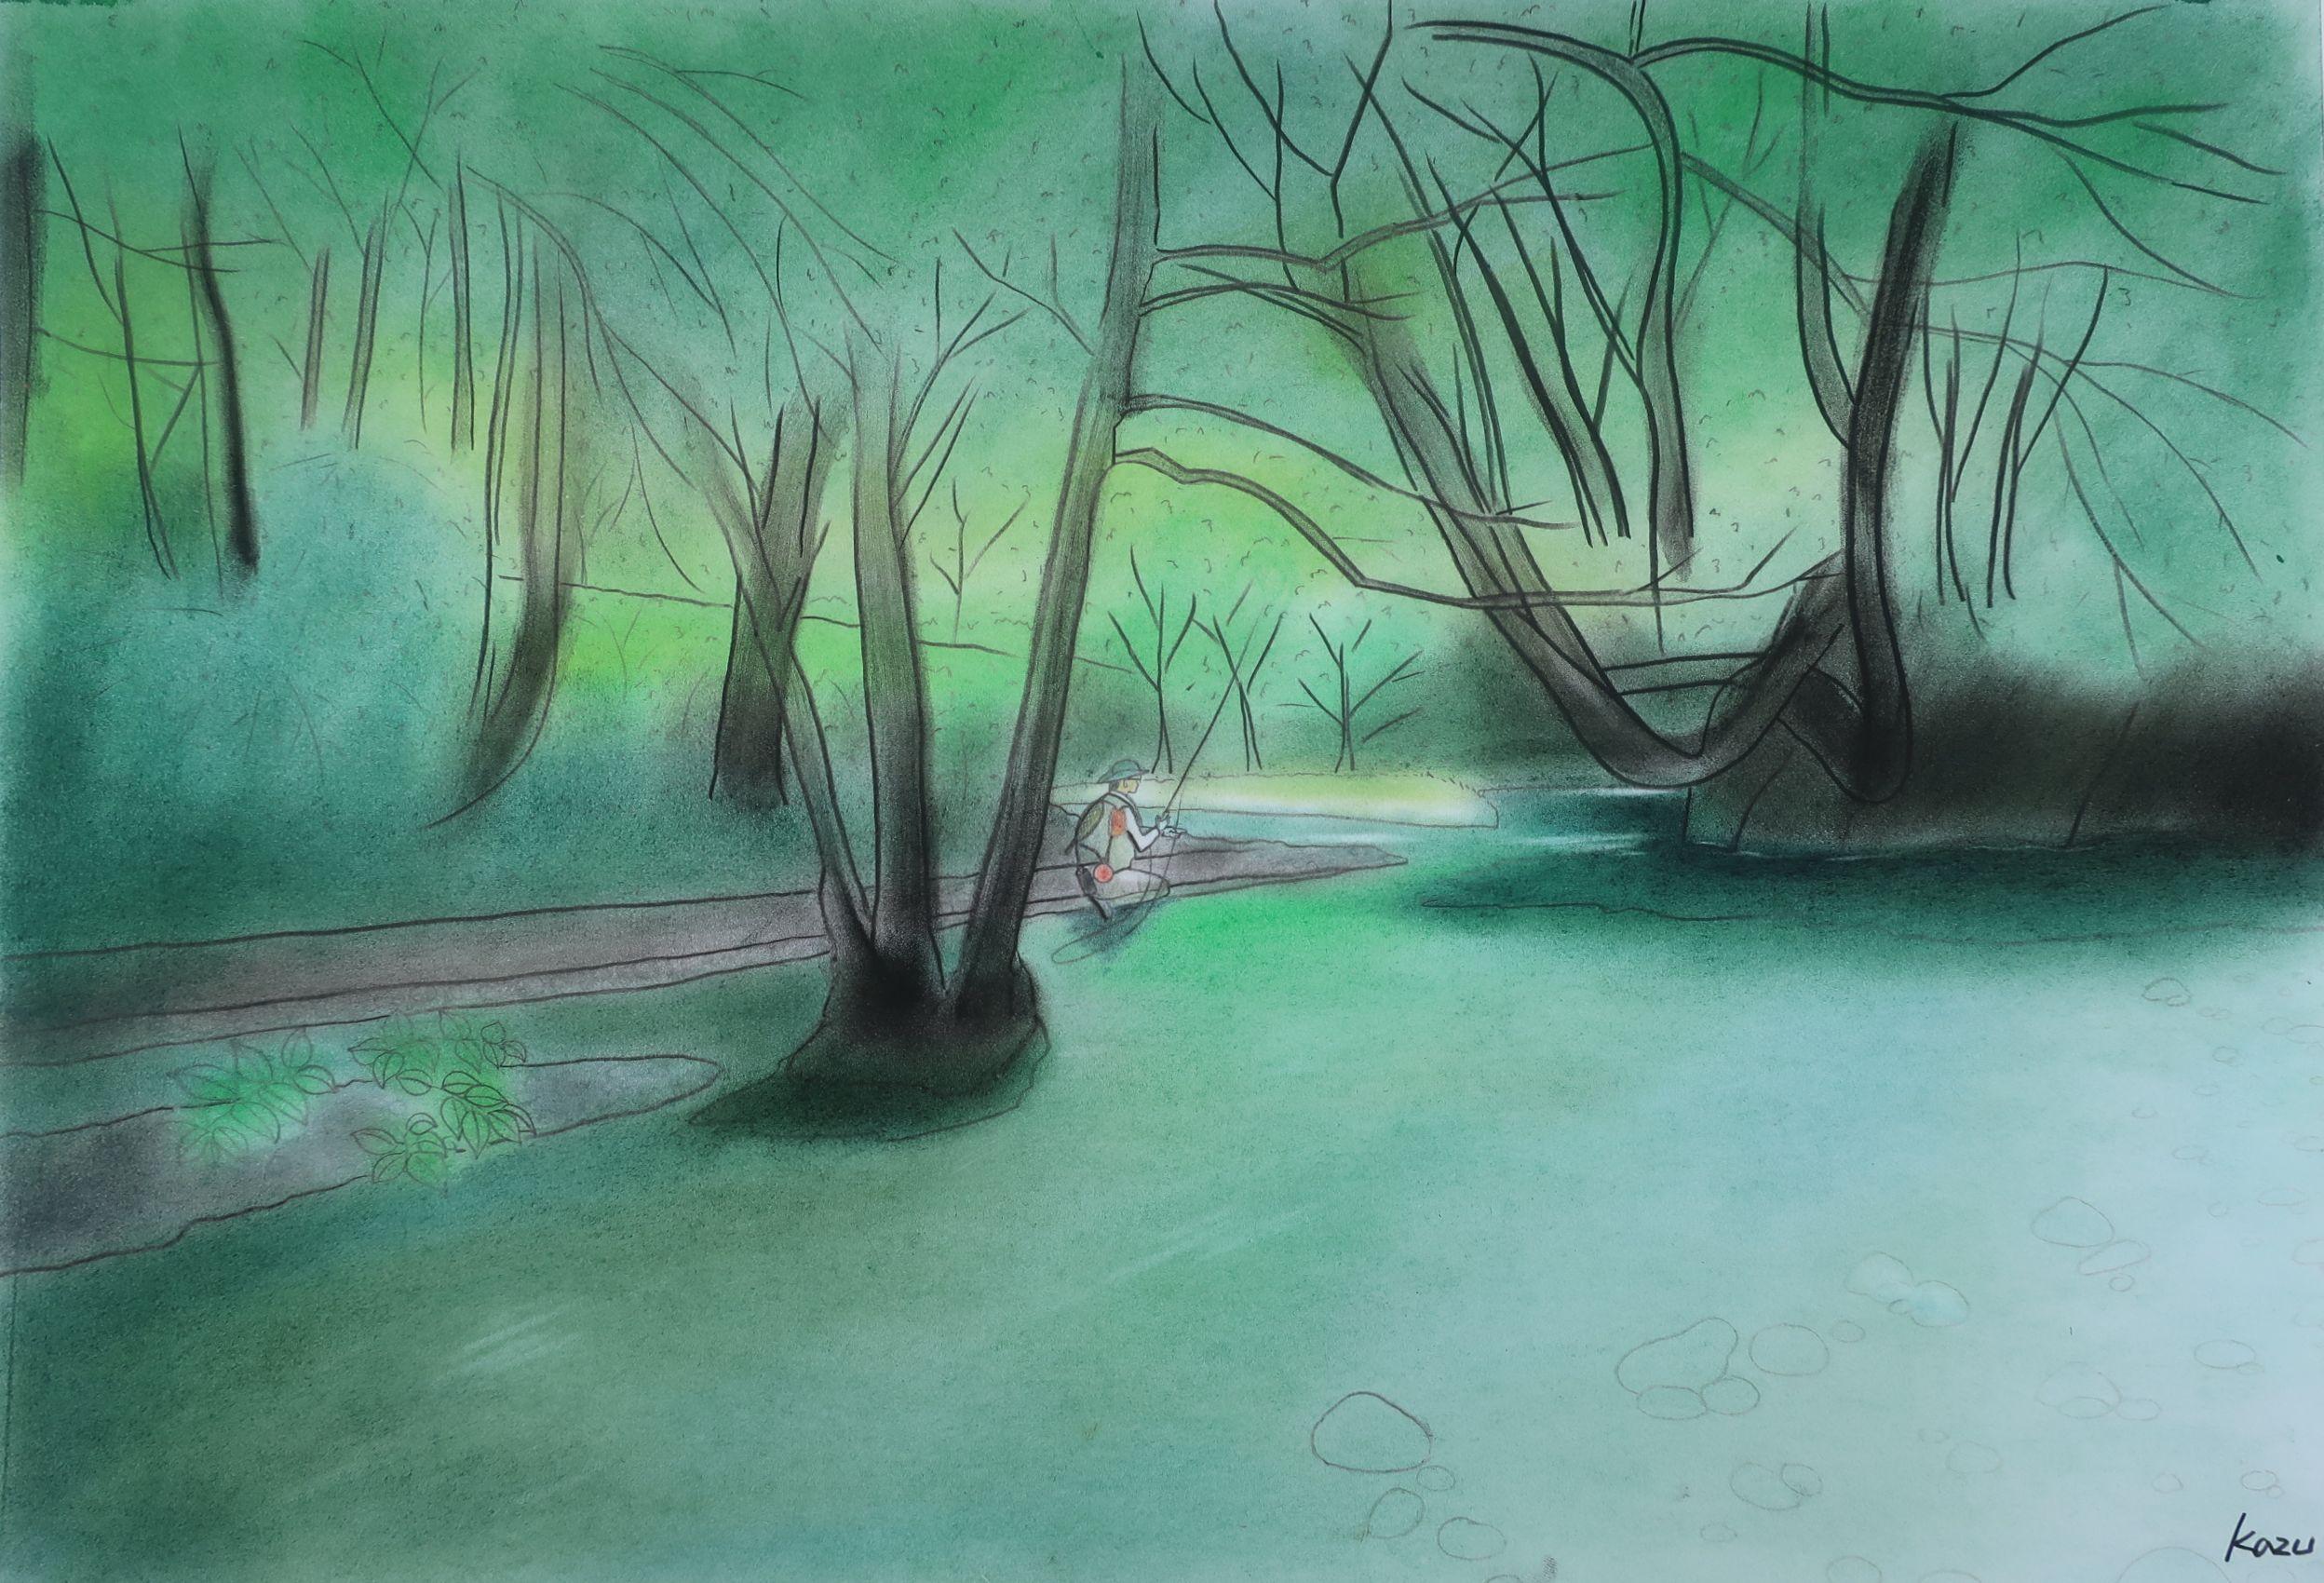 秋田、ヤマメの渓の静寂の中へ